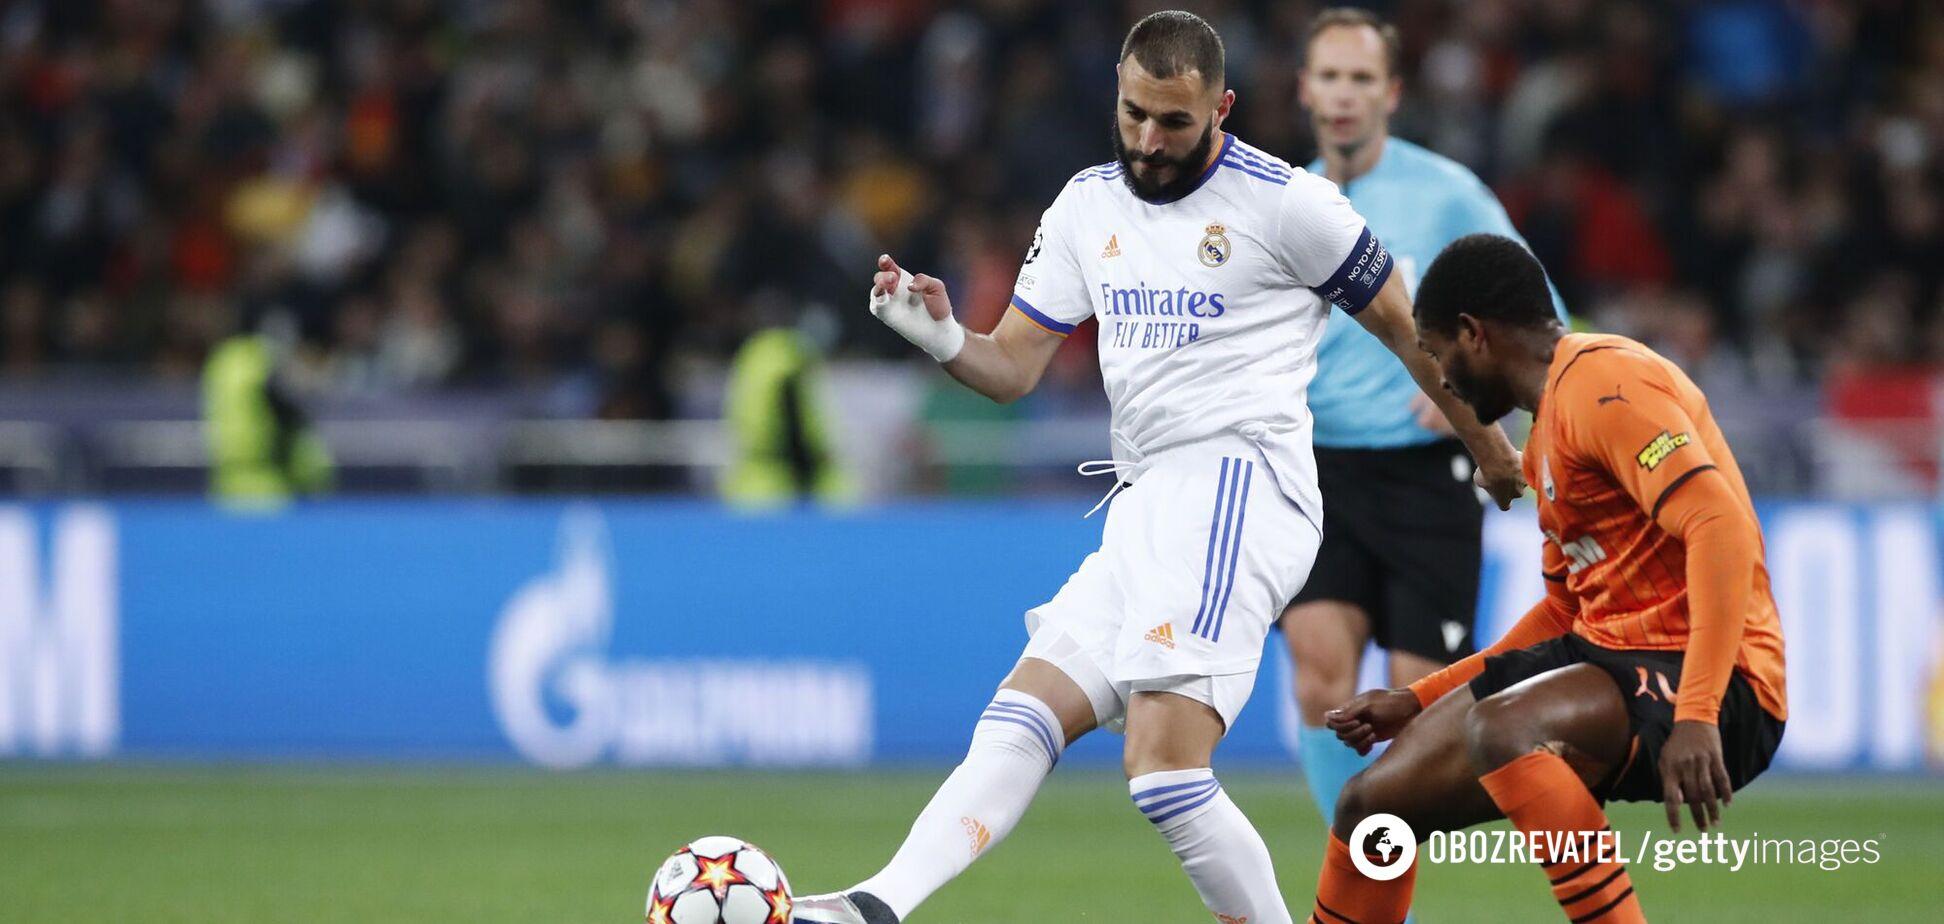 Бензема назвал 'Шахтер' грозным соперником после его разгрома 'Реалом' в Лиге чемпионов